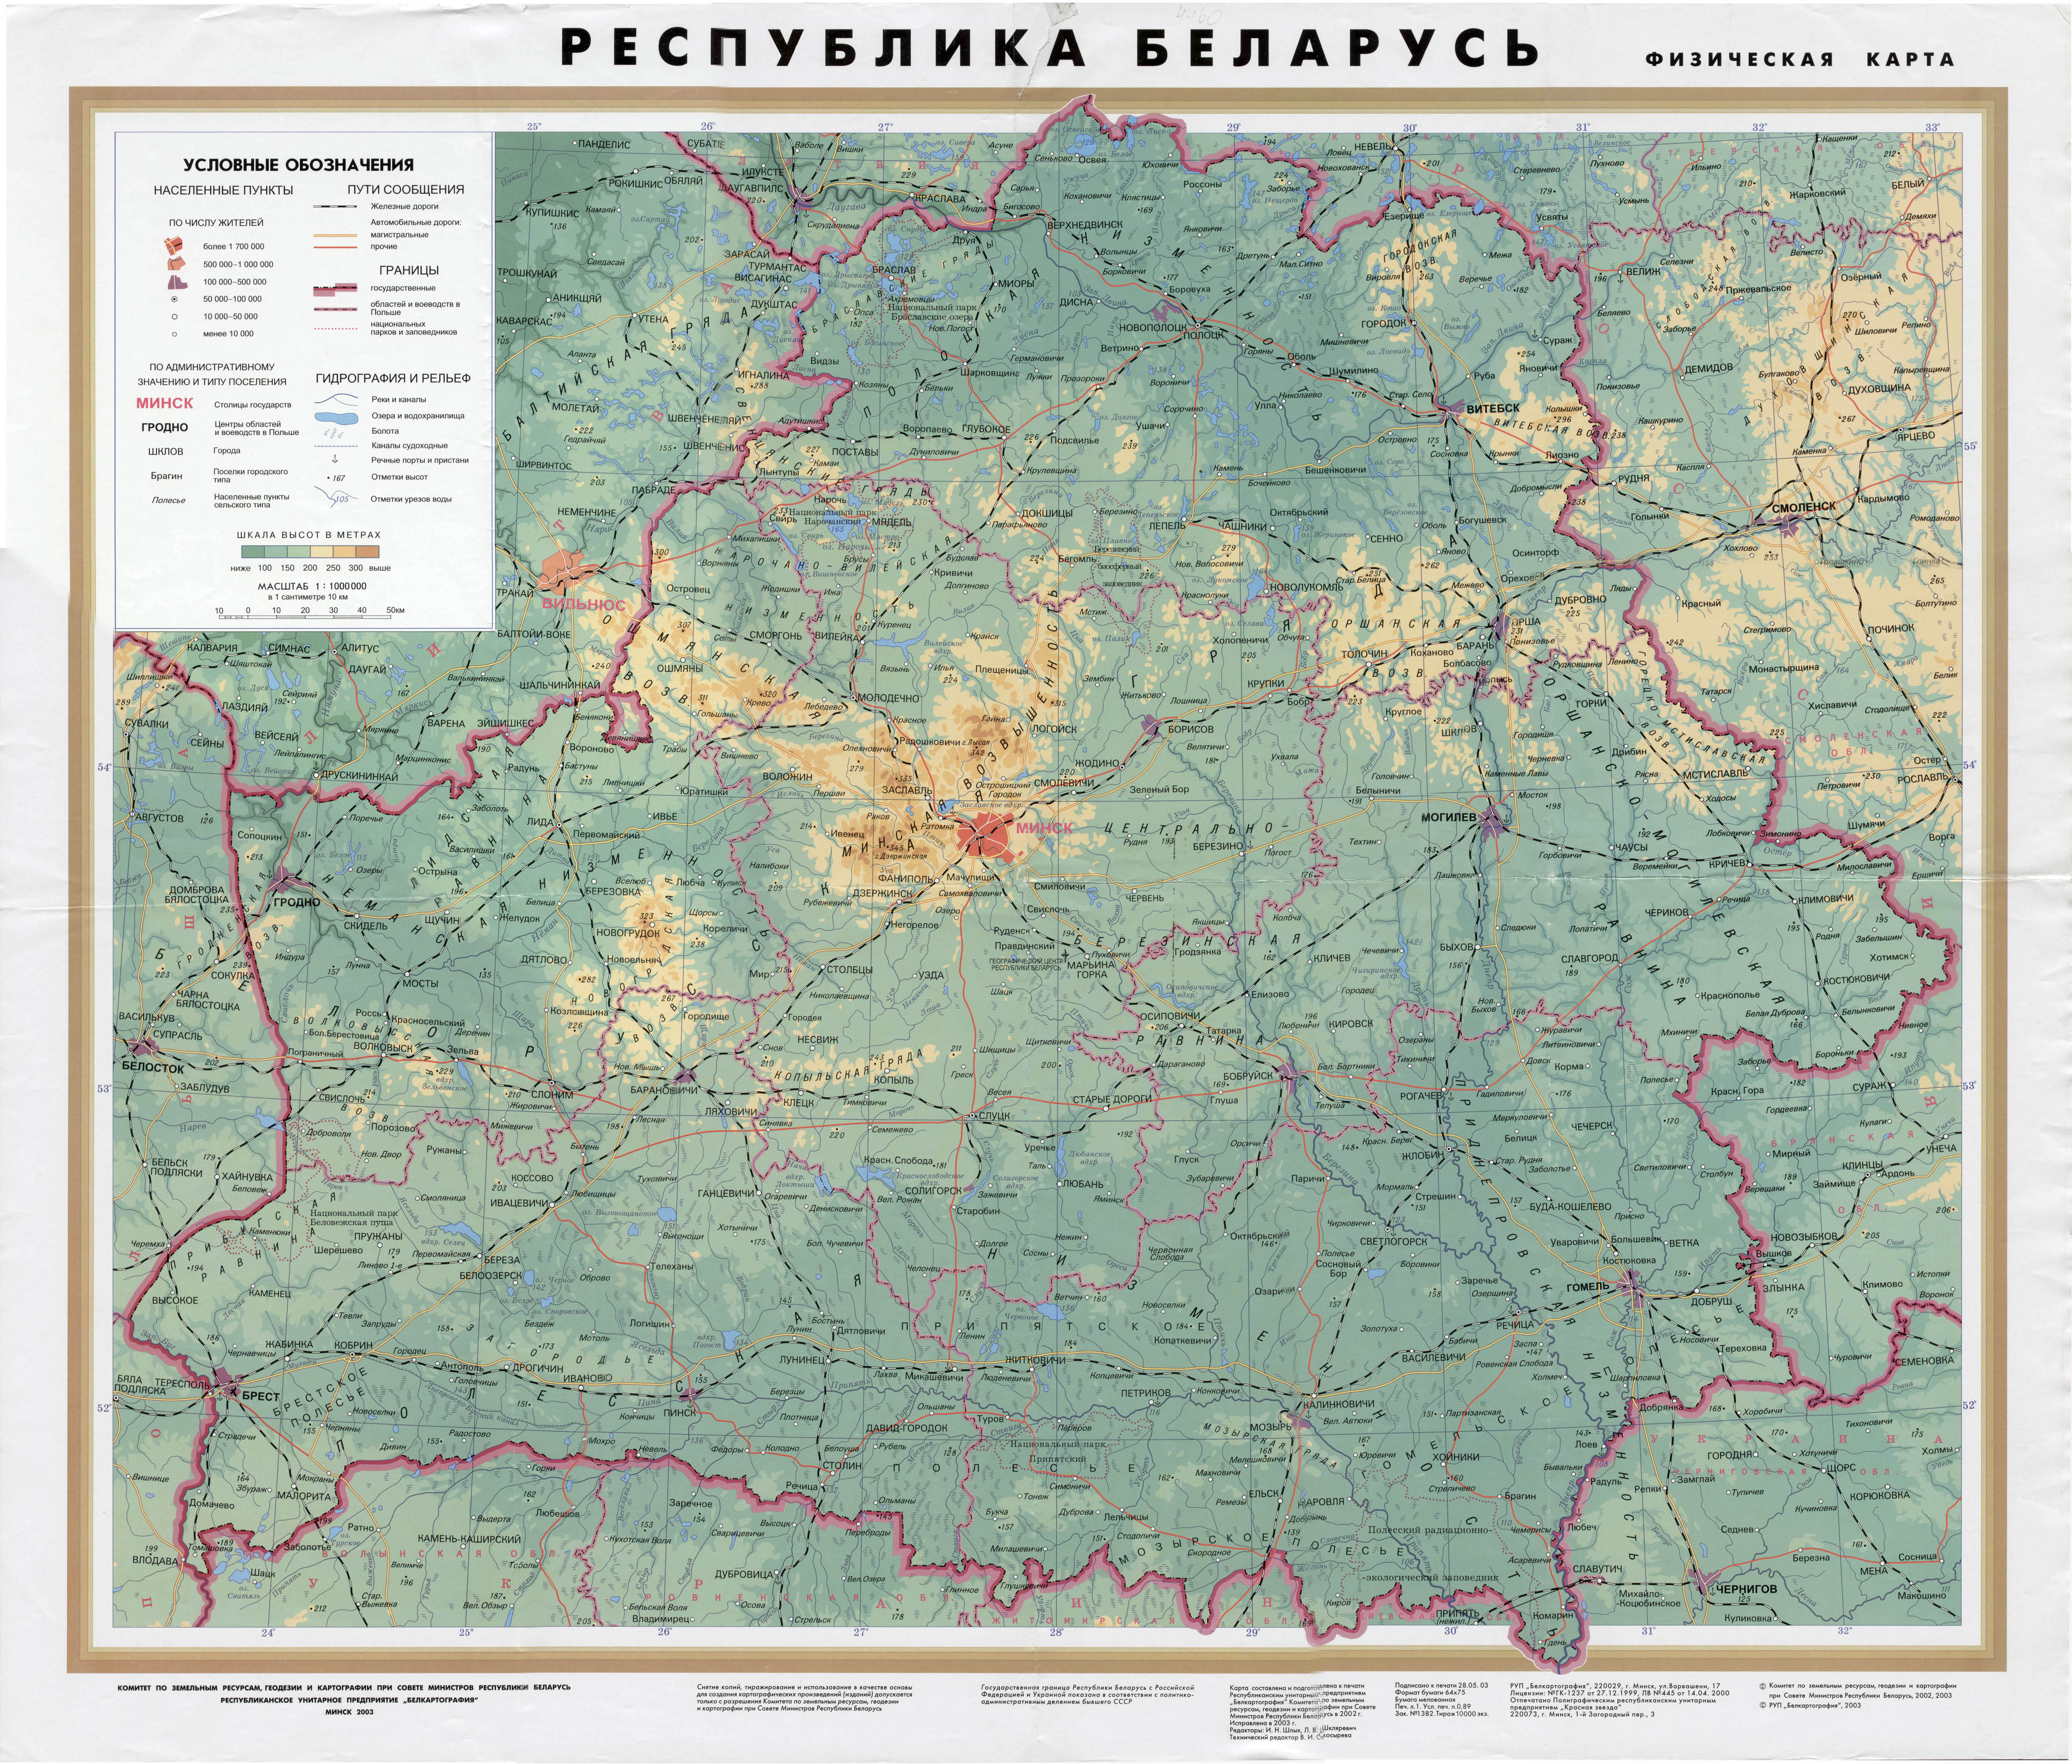 Топографическая Карта Беларуси 1940 Г